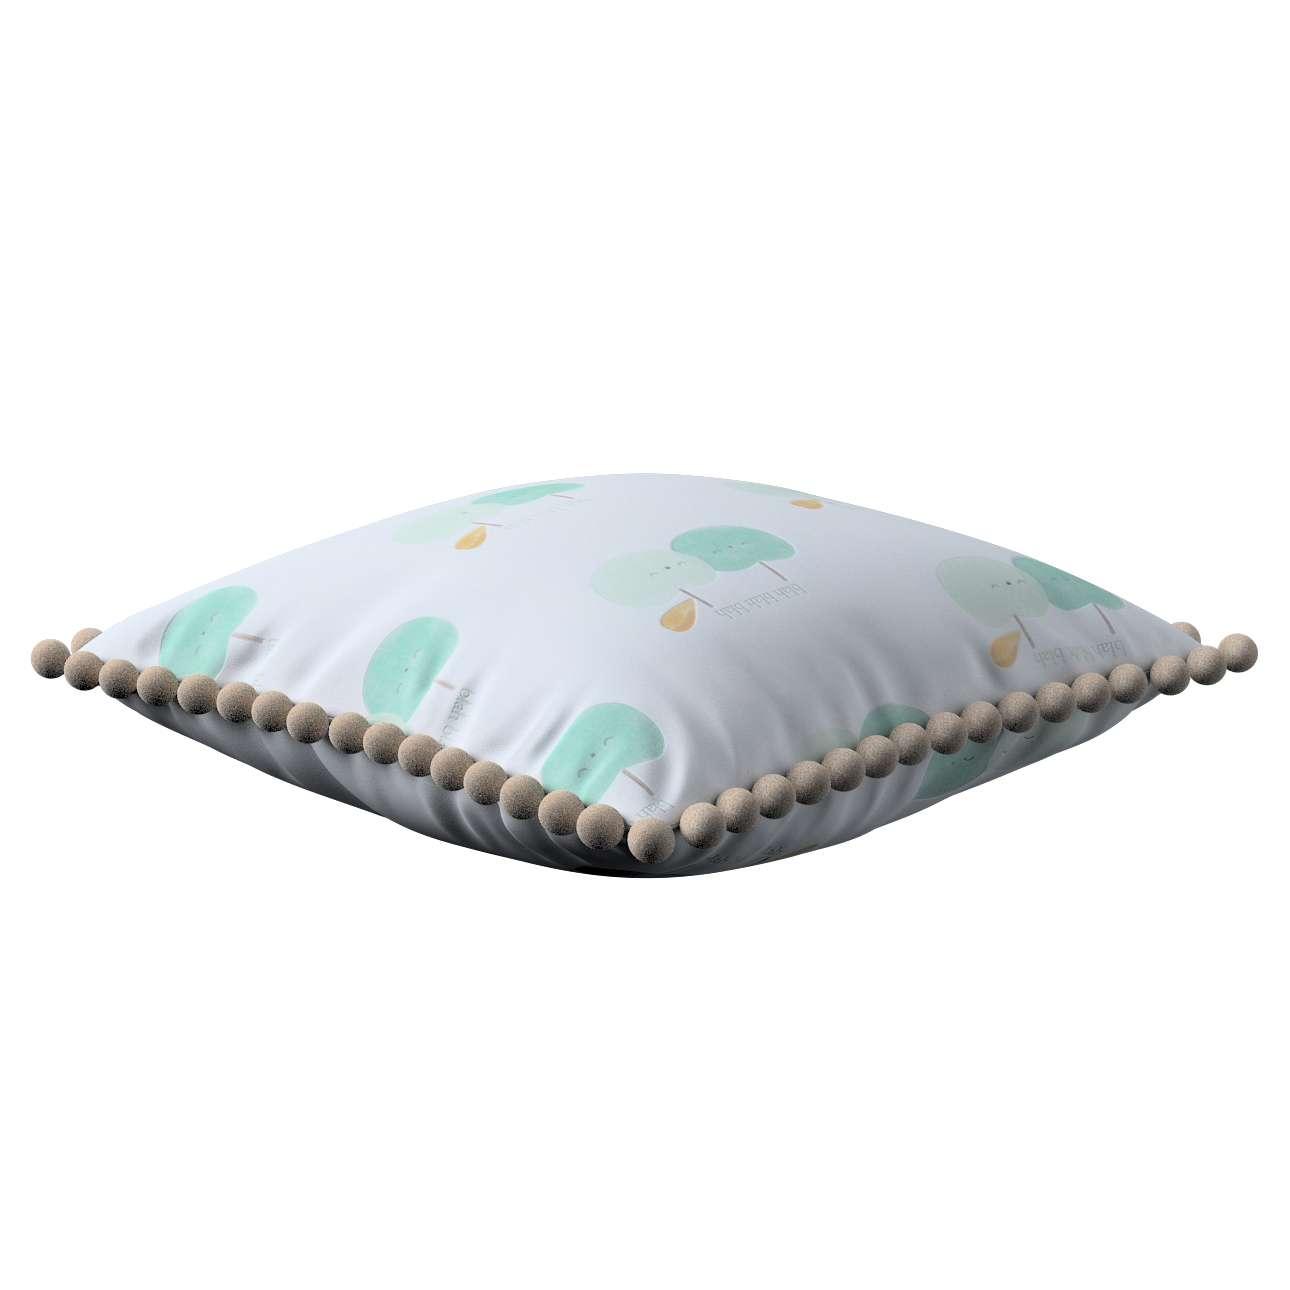 Poszewka Wera na poduszkę 45 x 45 cm w kolekcji Apanona, tkanina: 151-02